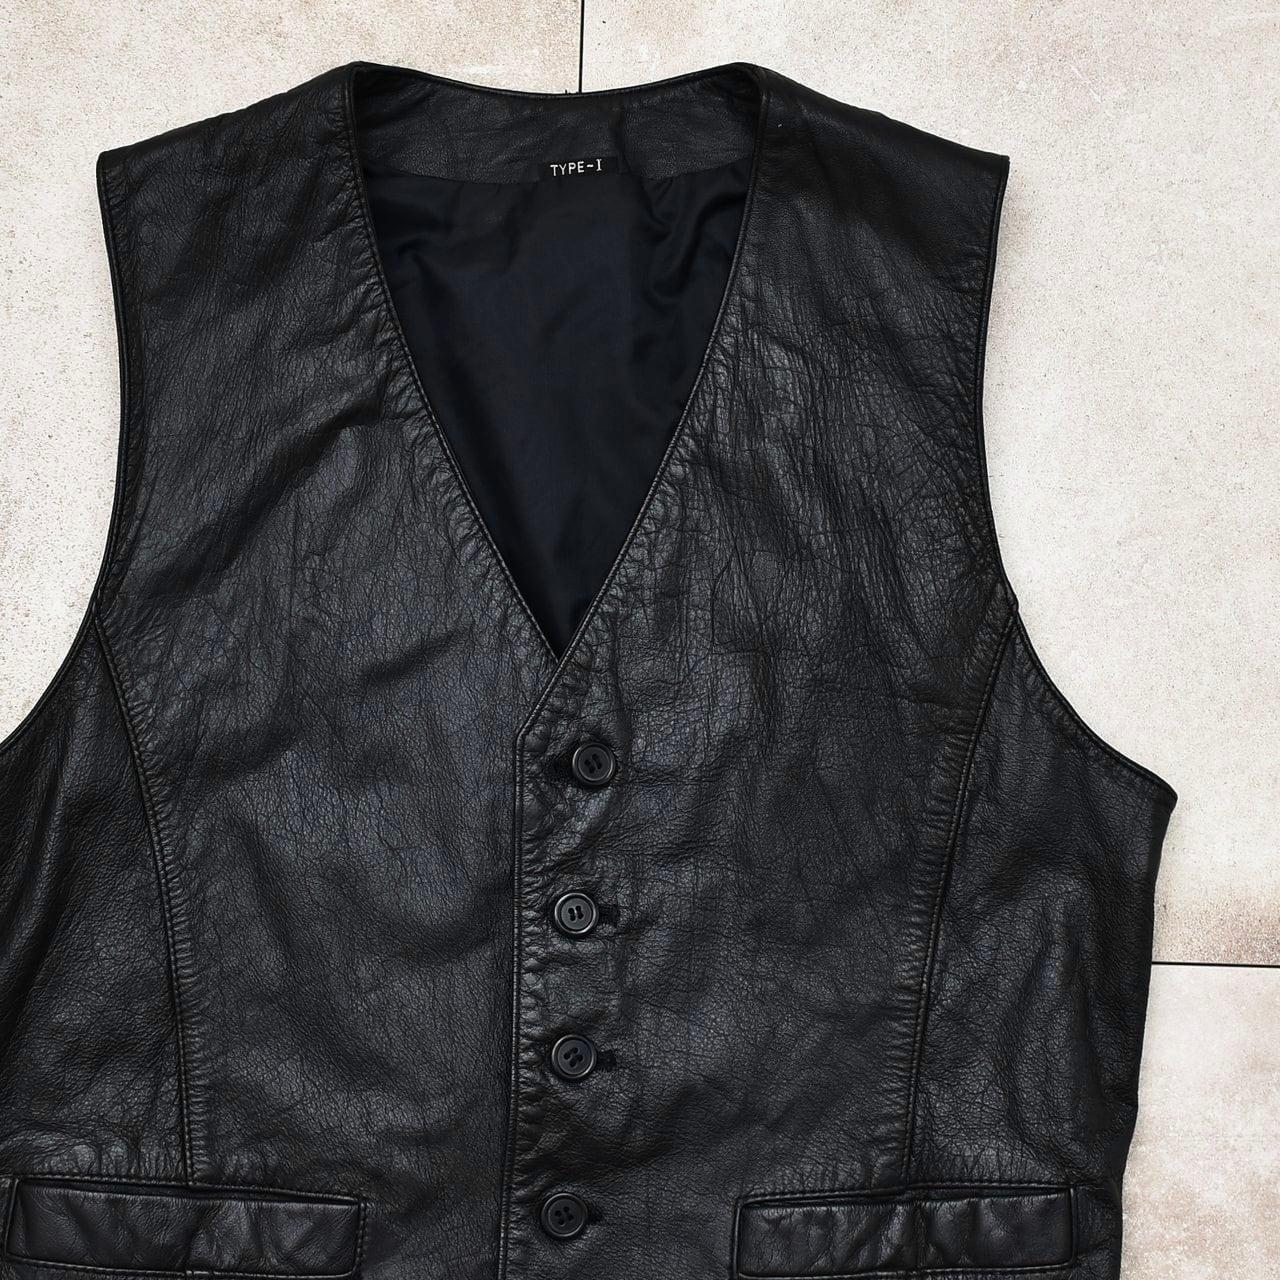 Vtg type-1 black leather vest / gilet